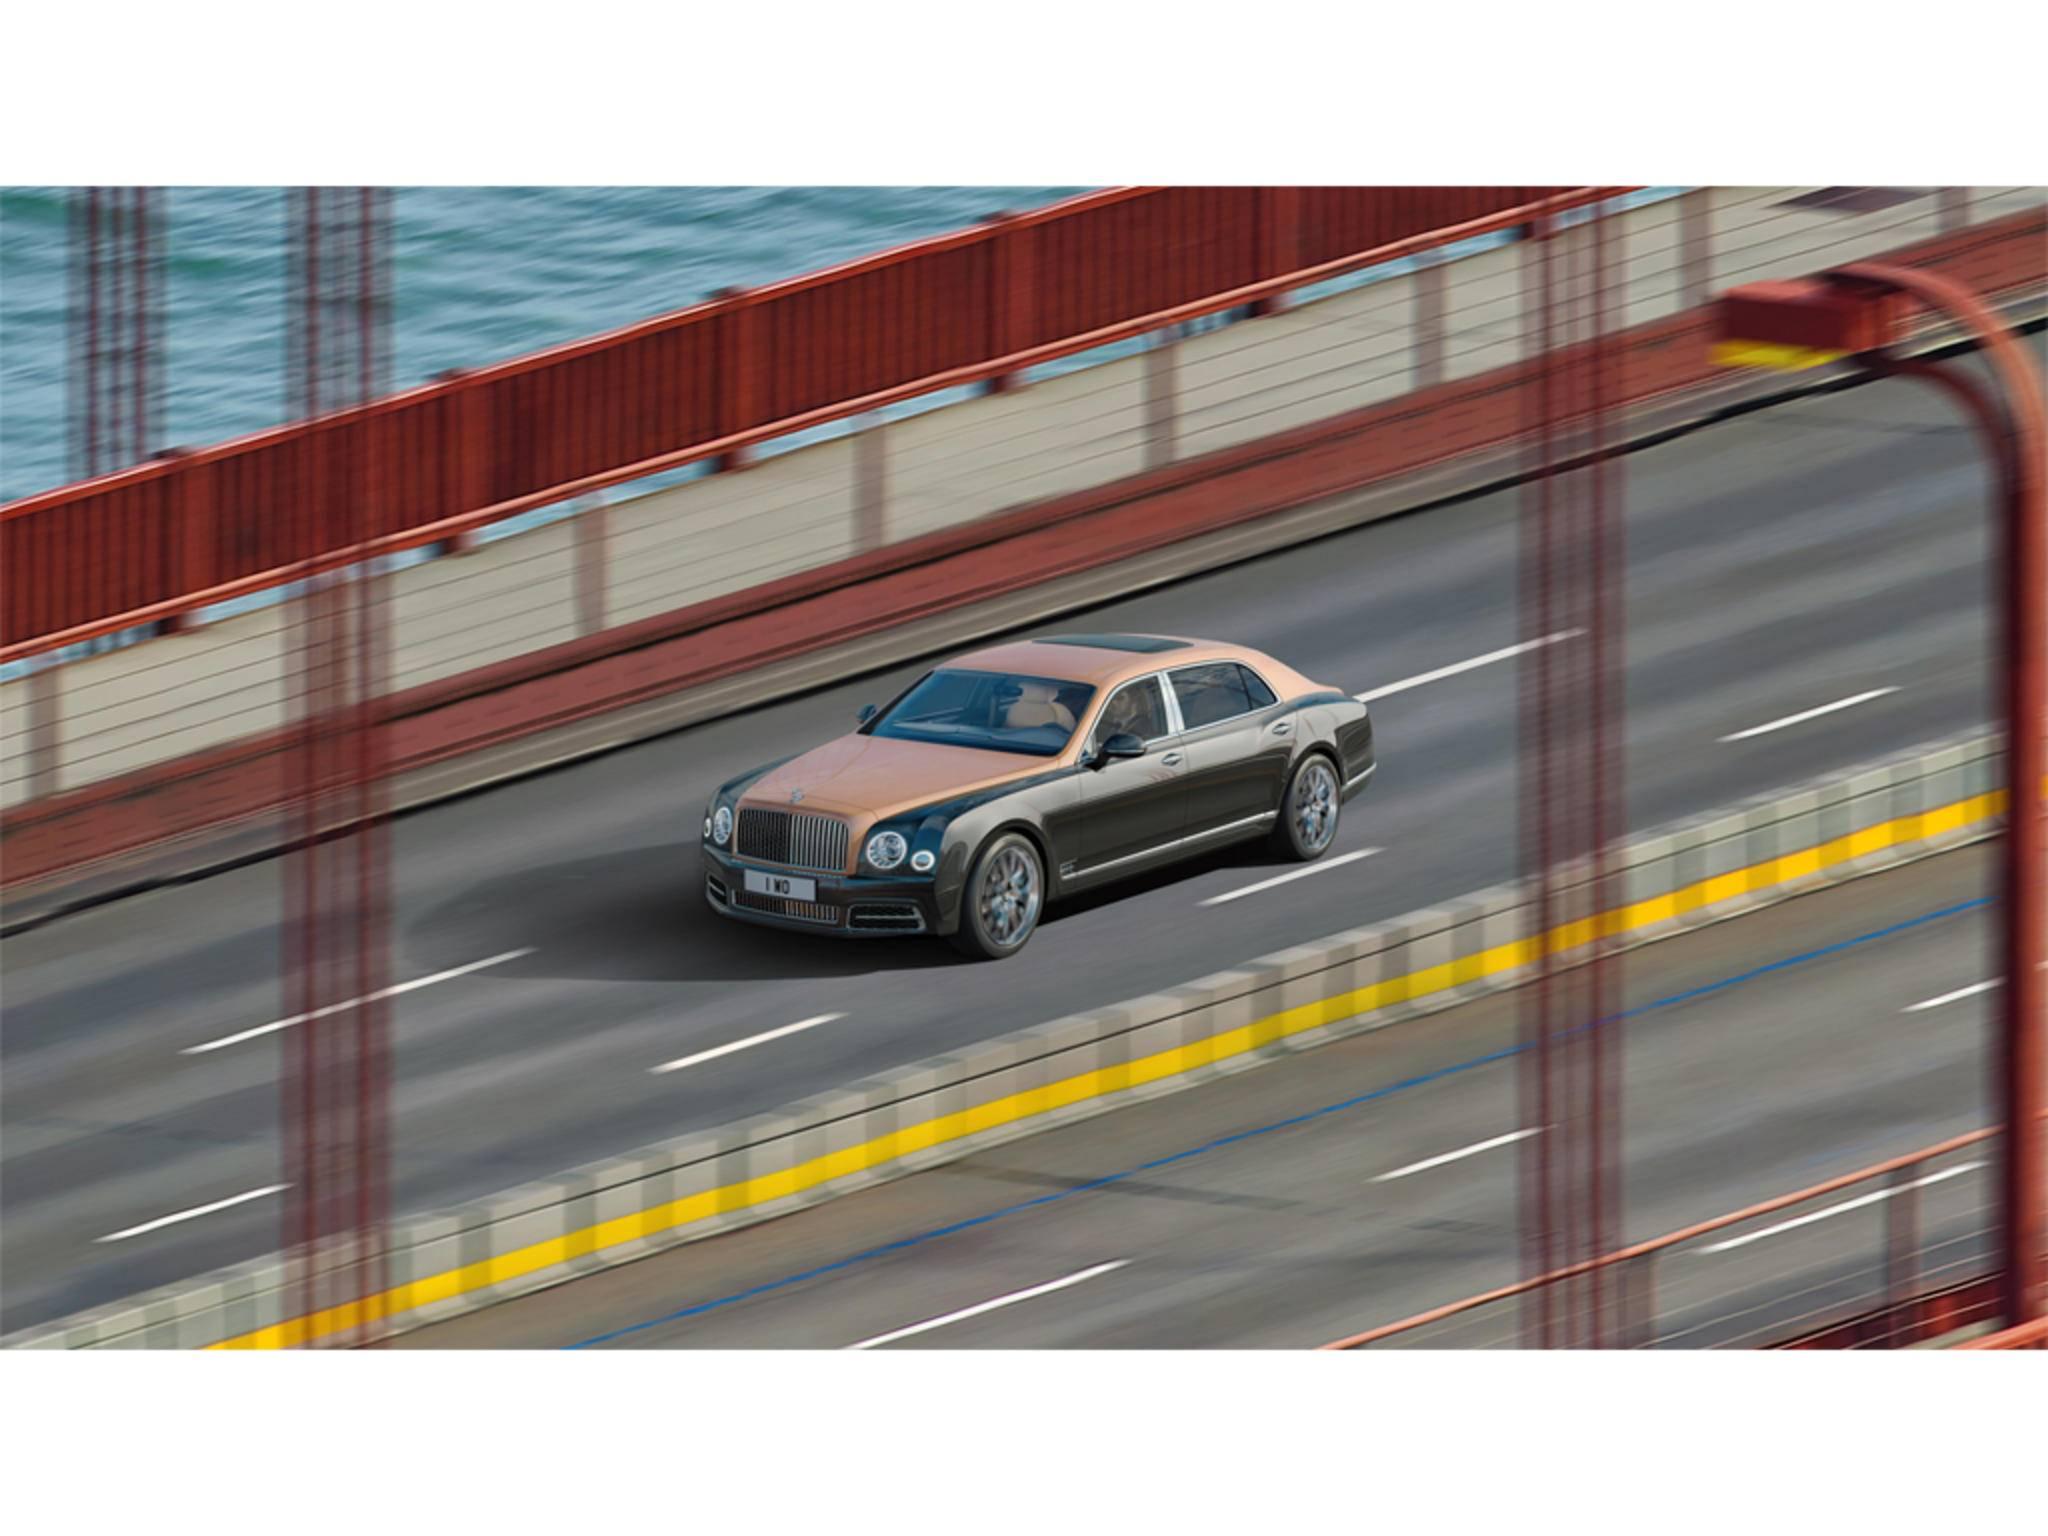 Man muss schon reinzoomen, um den Bentley Mulsanne zu erkennen.